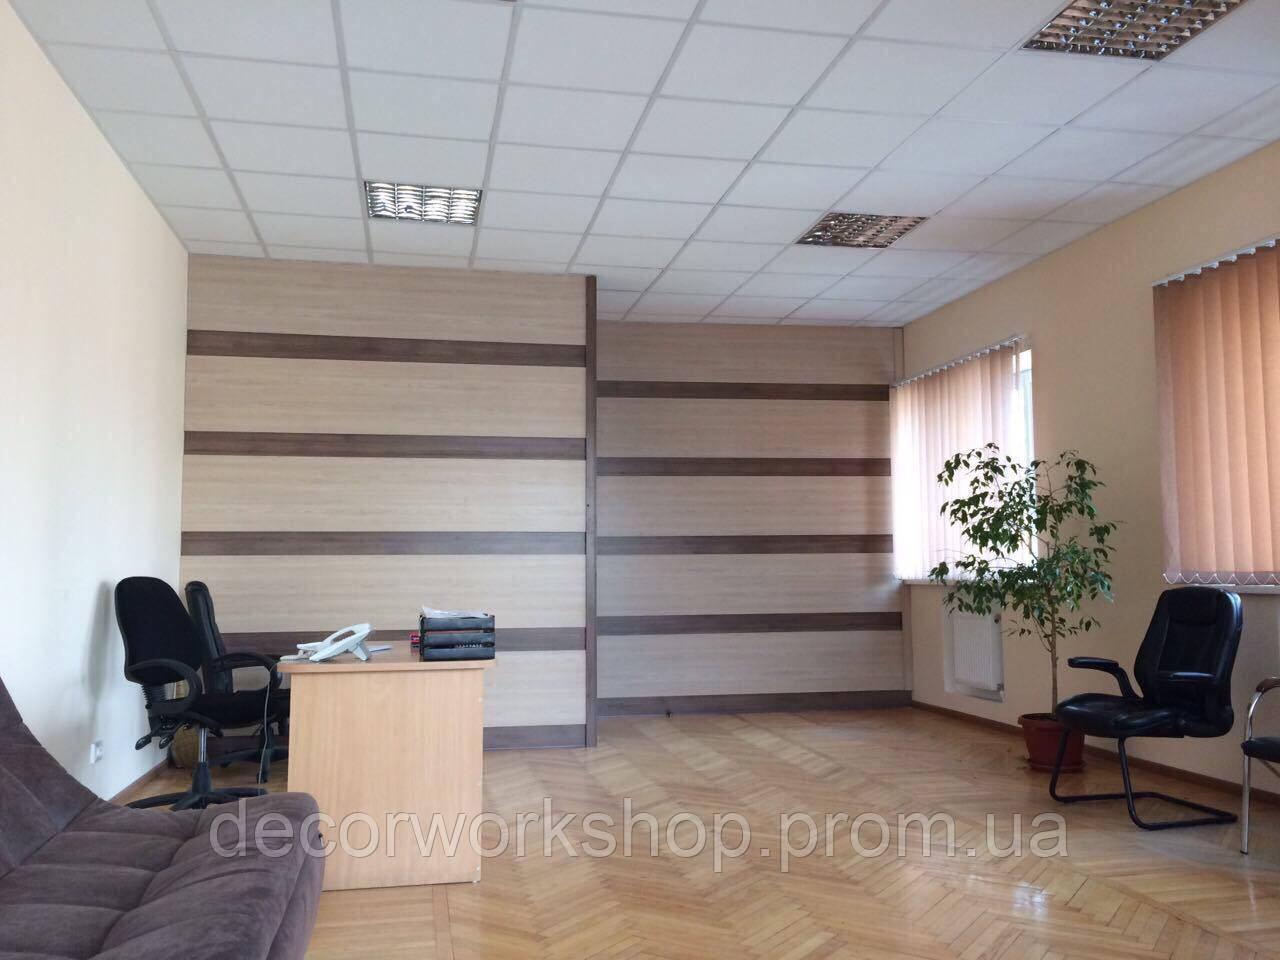 Декоративные перегородки из ДСП, МДФ, фанеры и дерева - Decorworkshop в Кропивницком